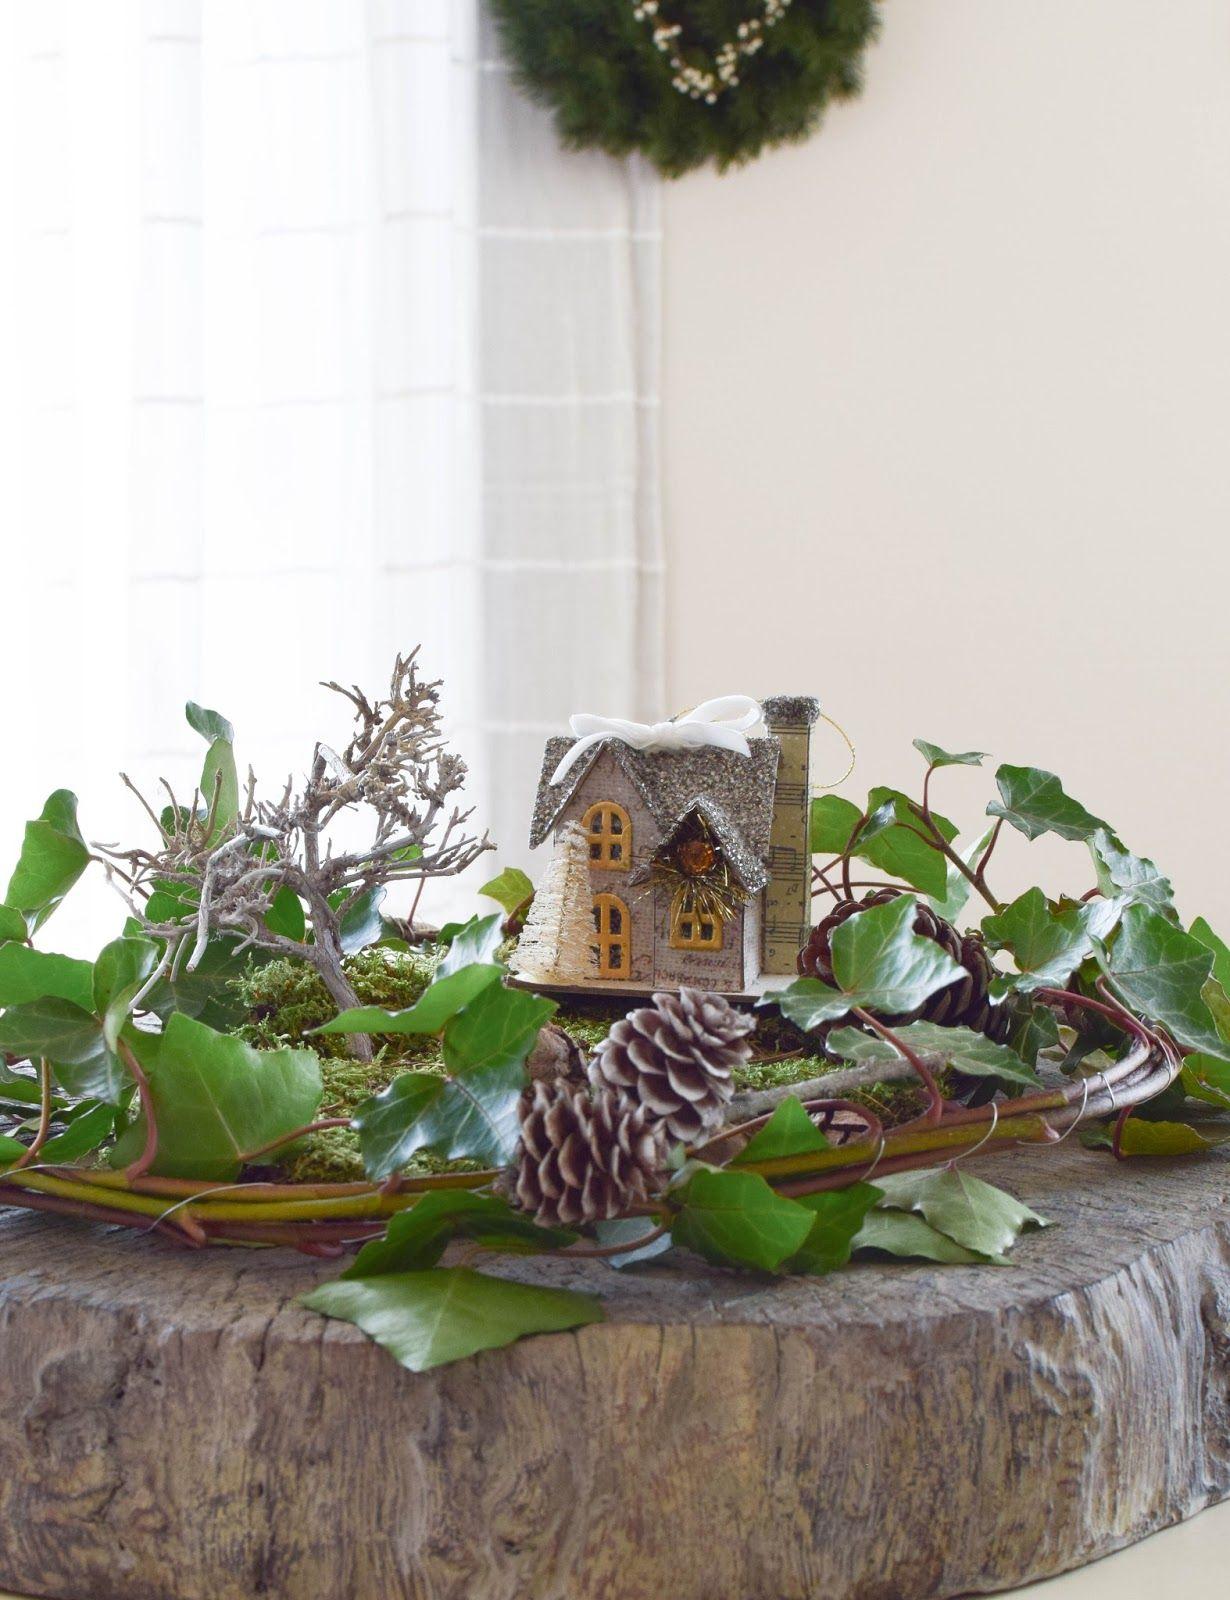 Vertraumtes Tisch Arrangement Mit Efeu Moos Und Ganz Viel Winter